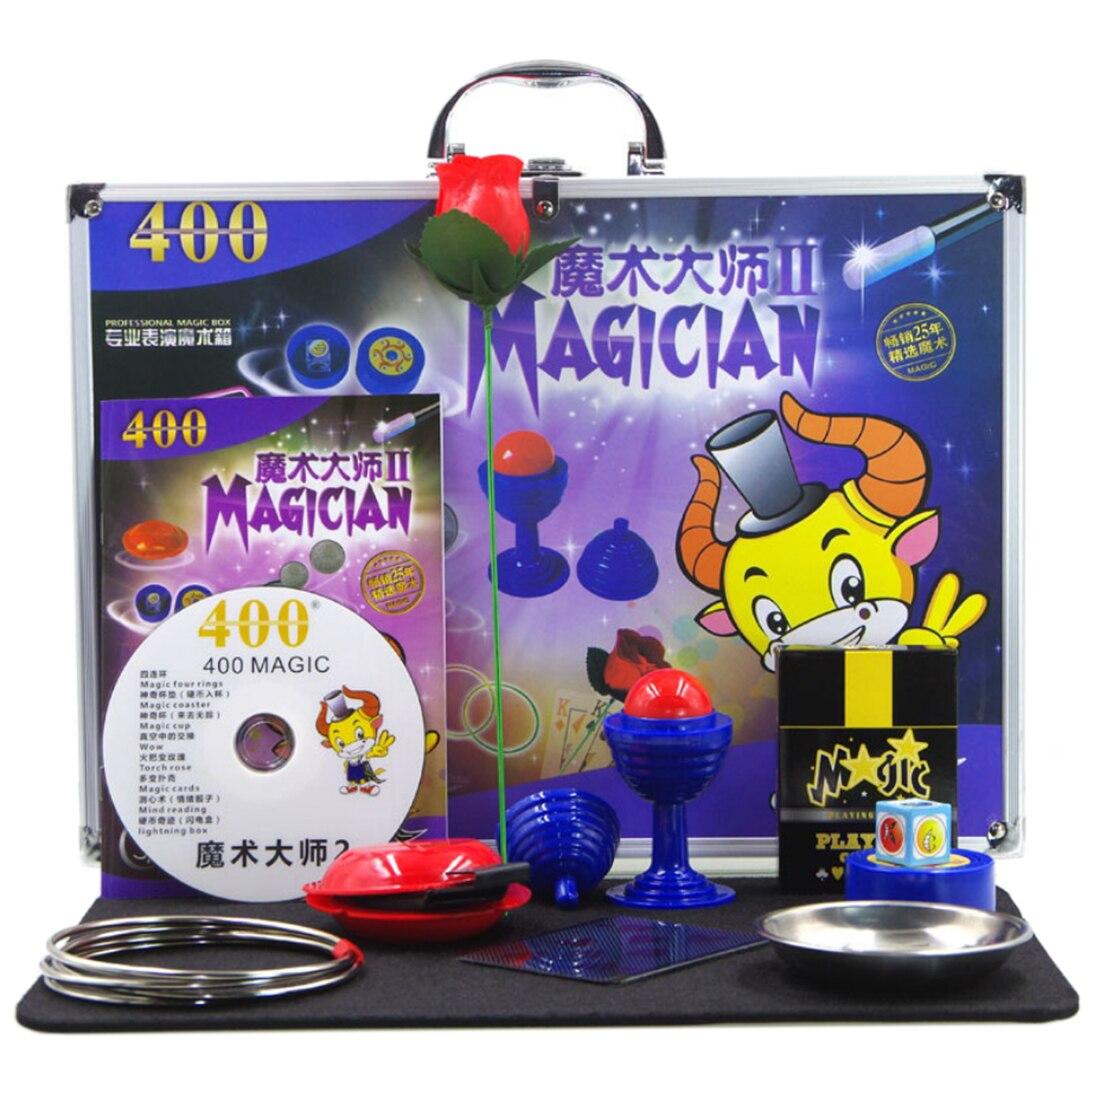 Jeu de jouets éducatifs de boîte-cadeau magique d'alliage d'aluminium avec divers accessoires pour l'enfant jouant la fête d'anniversaire montrant le Kit de tour de magie